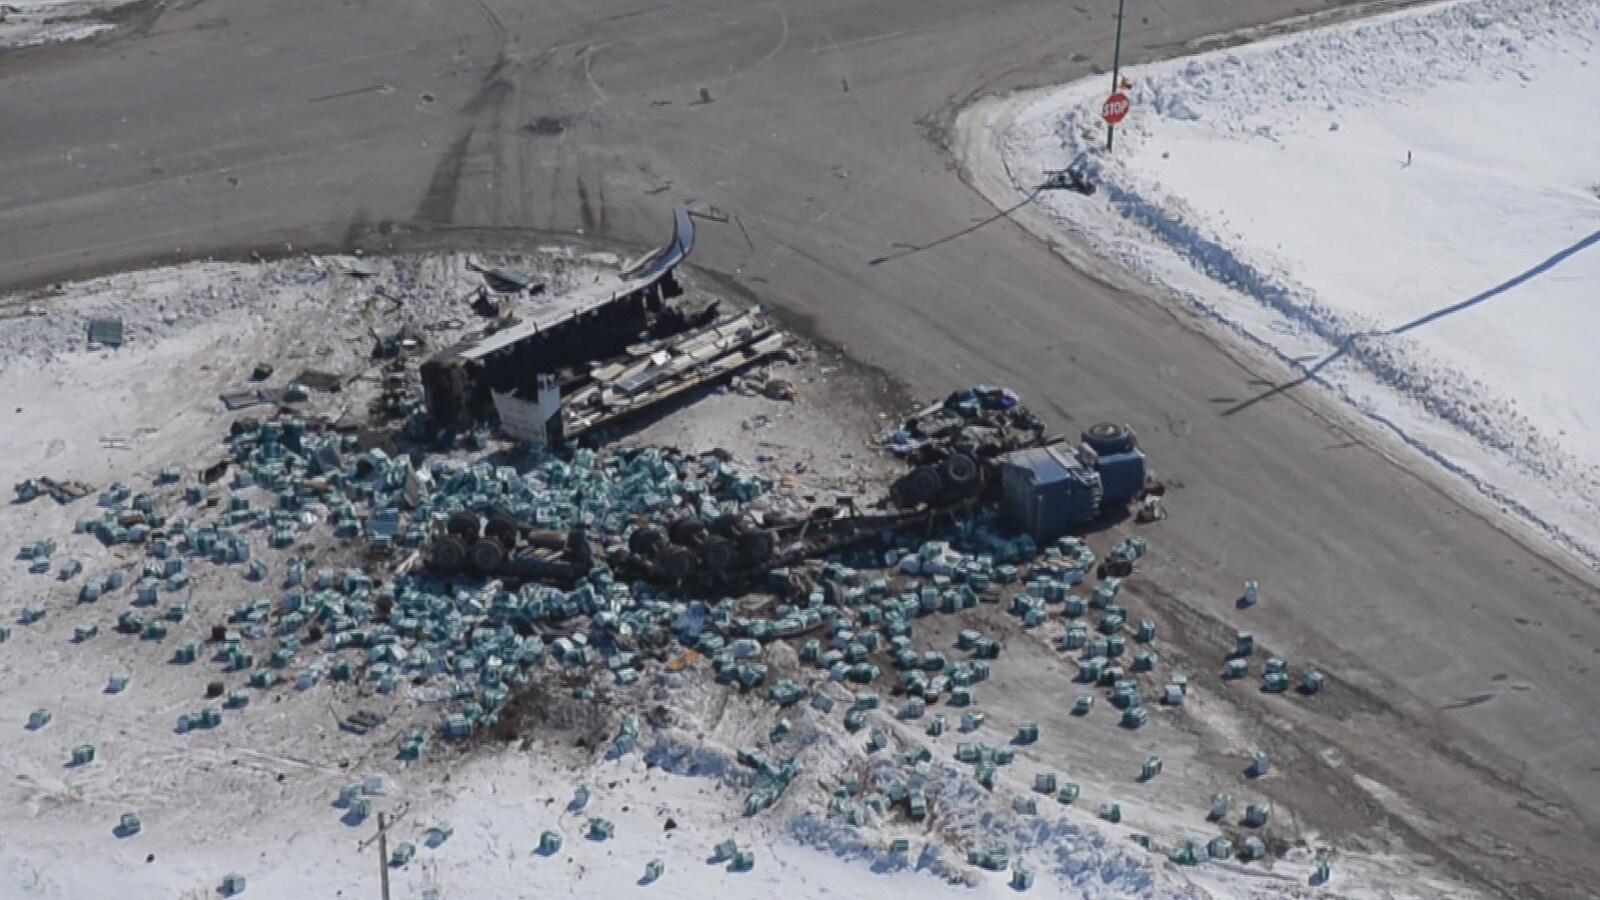 Vue aérienne de la collision entre un semi-remorque et l'autocar de l'équipe de hockey junior des Broncos de Humboldt qui est survenue au sud de Nipawin, en Saskatchewan.